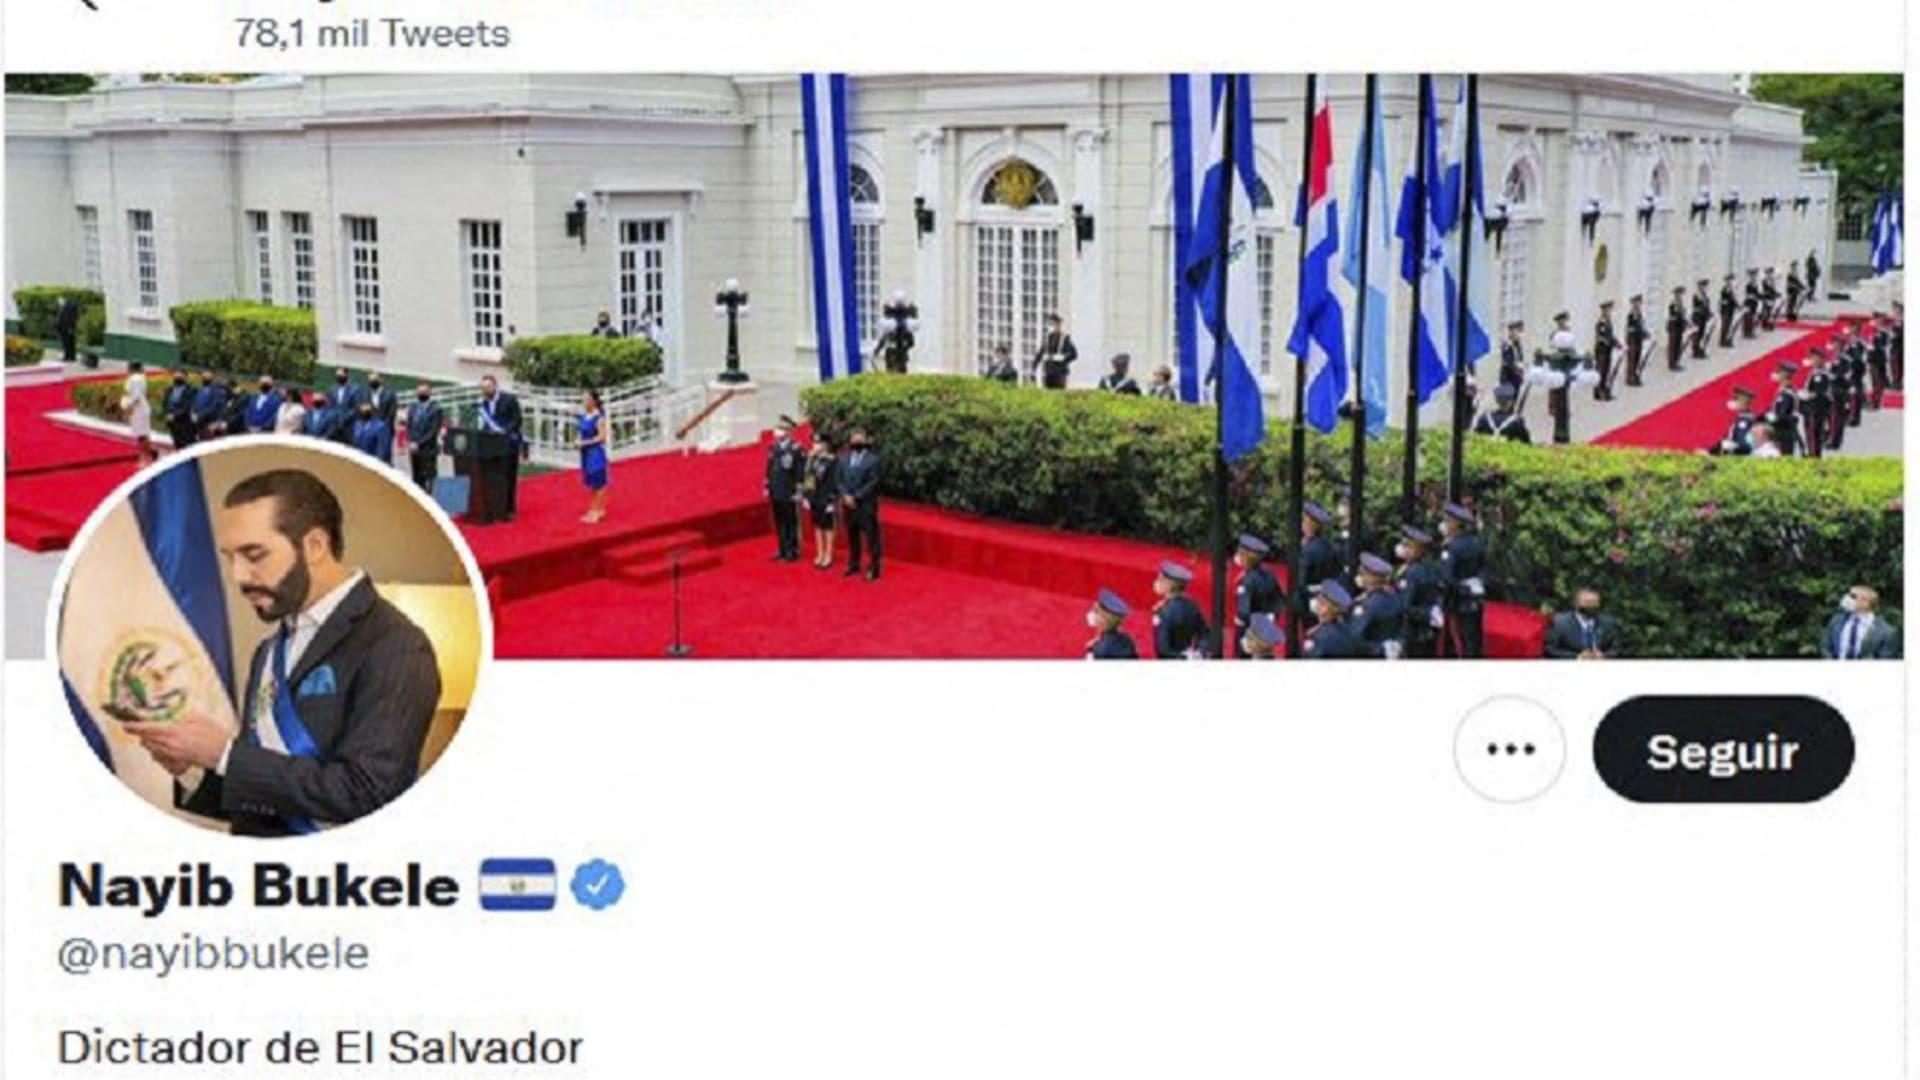 """رئيس السلفادور يغير وصفه على تويتر إلى """"أروع ديكتاتور في العالم"""""""